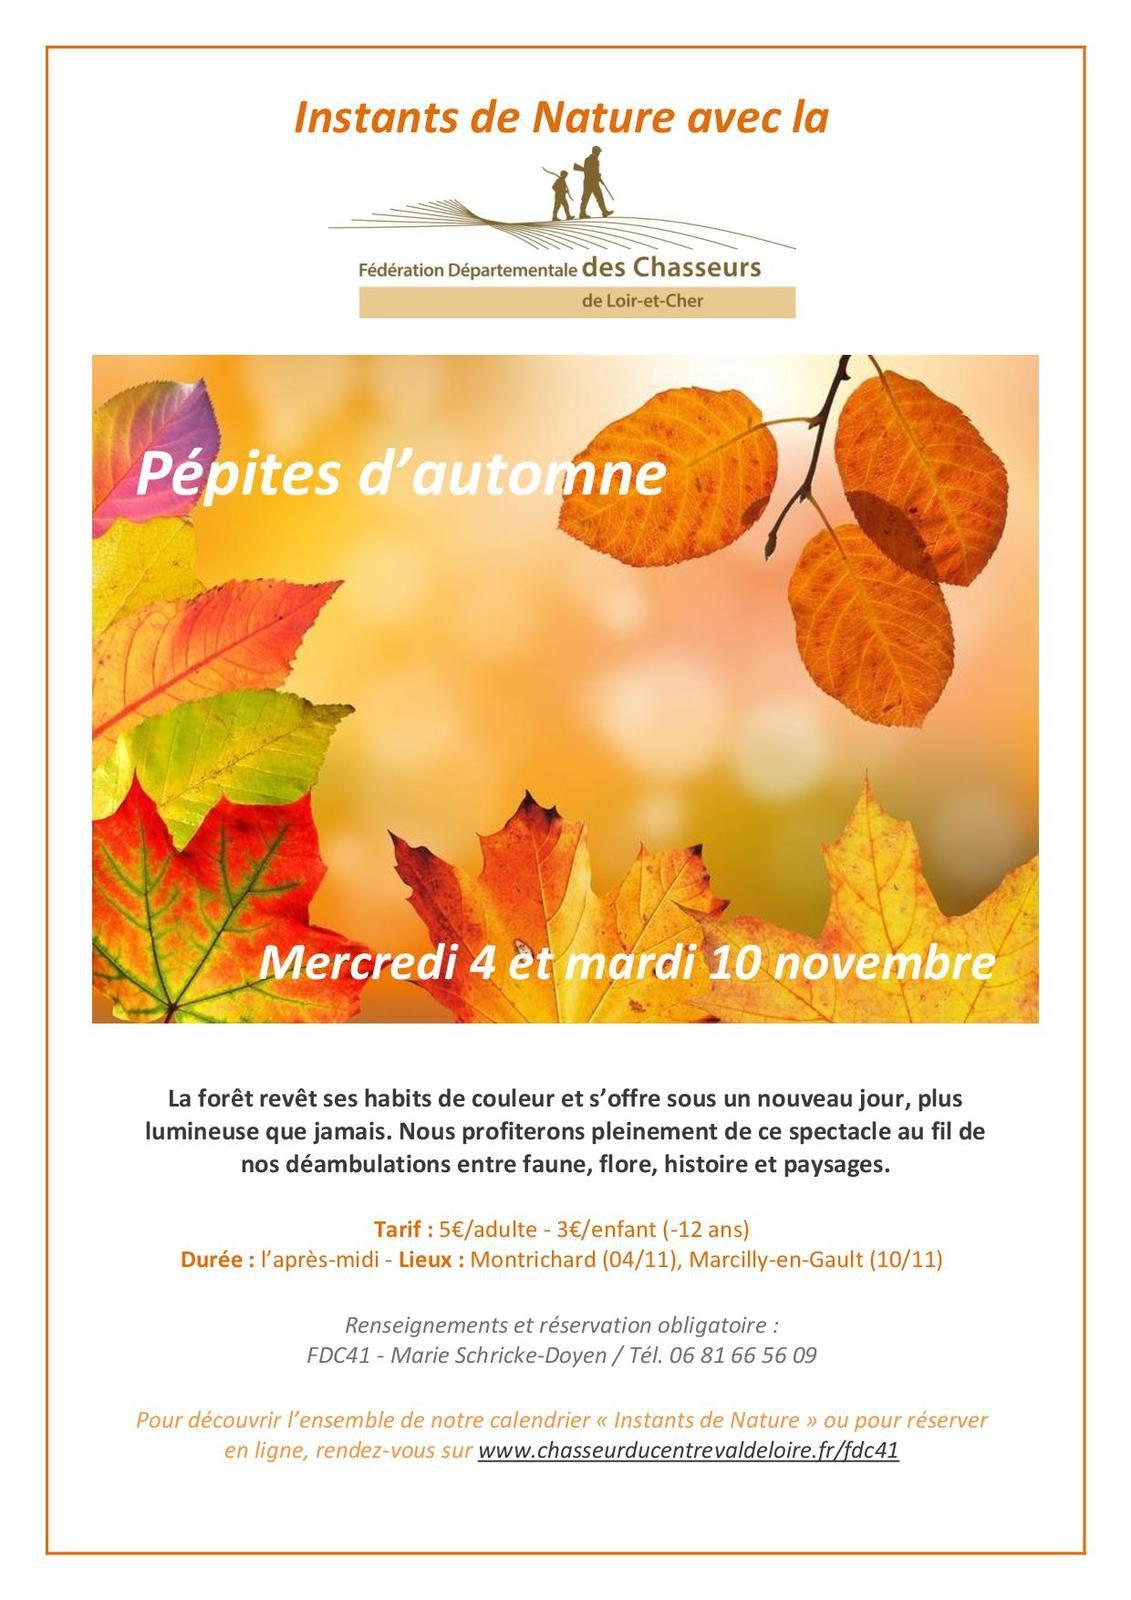 Instants de Nature - Programme d'automne